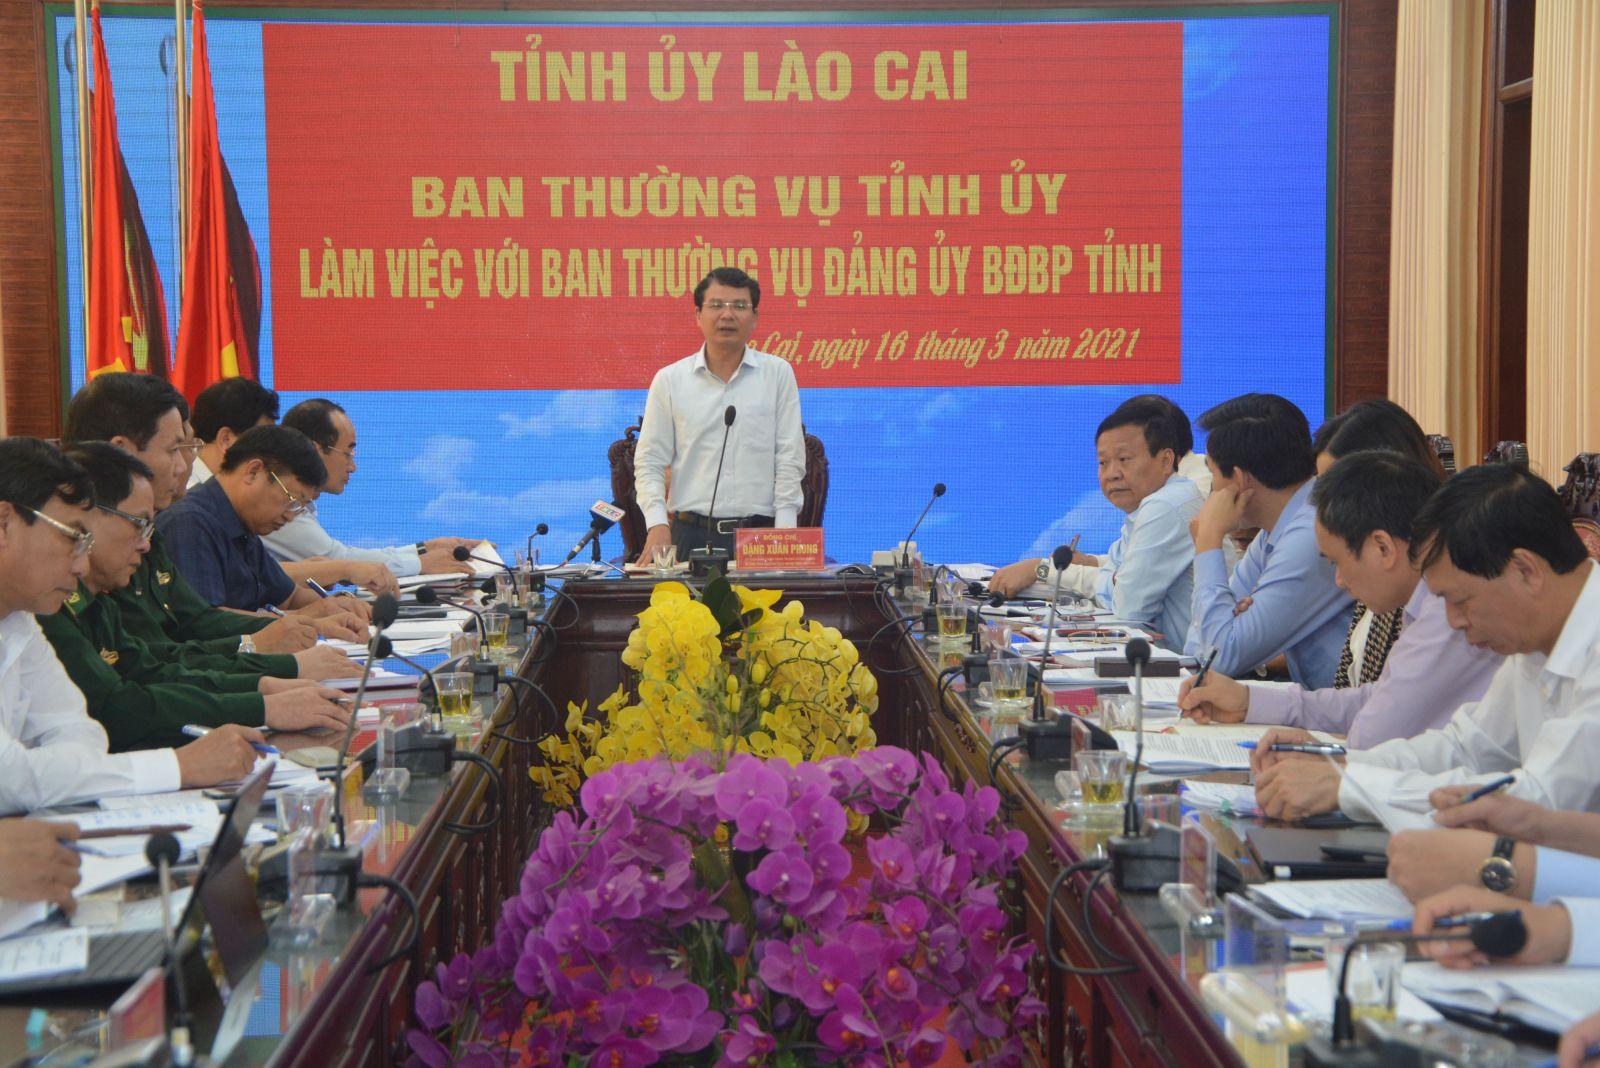 Lào Cai: Ban Thường vụ Tỉnh ủy làm việc với Ban Thường vụ Đảng ủy Bộ đội Biên phòng tỉnh